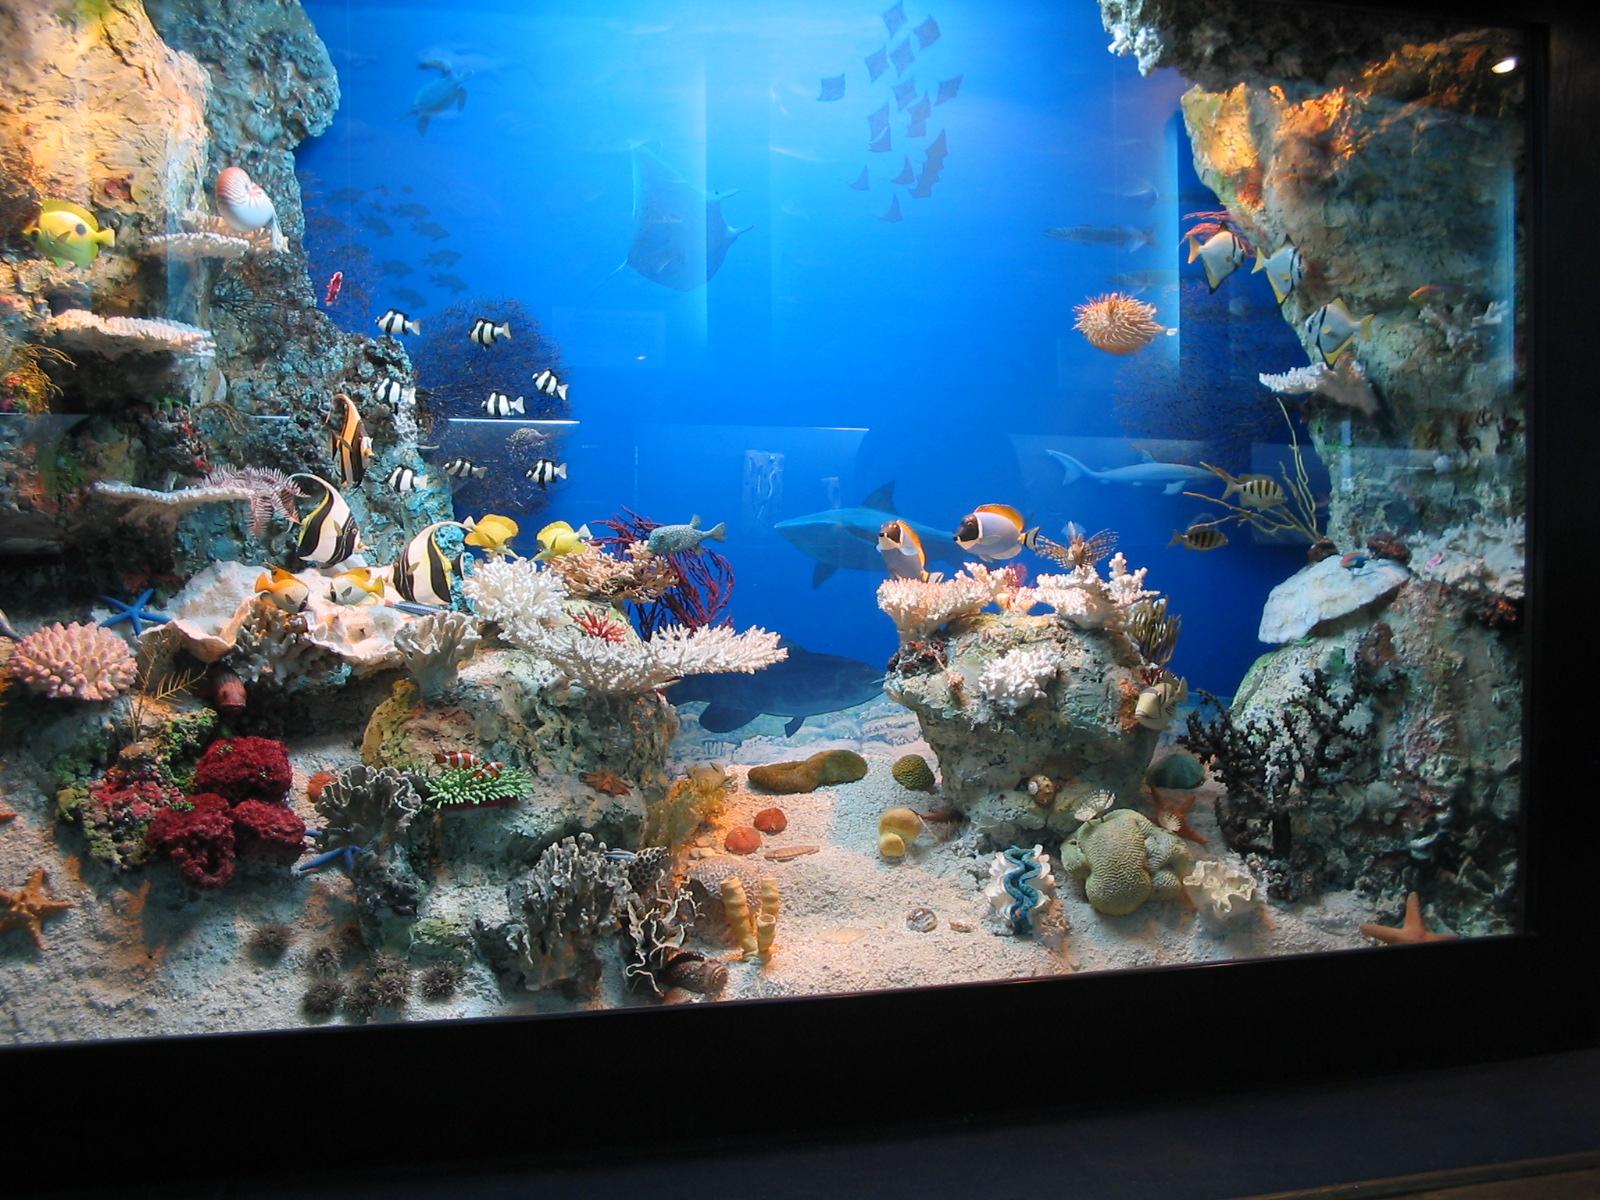 Akwarium Morskie W Gdyni Moc Atrakcji Dla Wszystkich Projekt 50 Ok